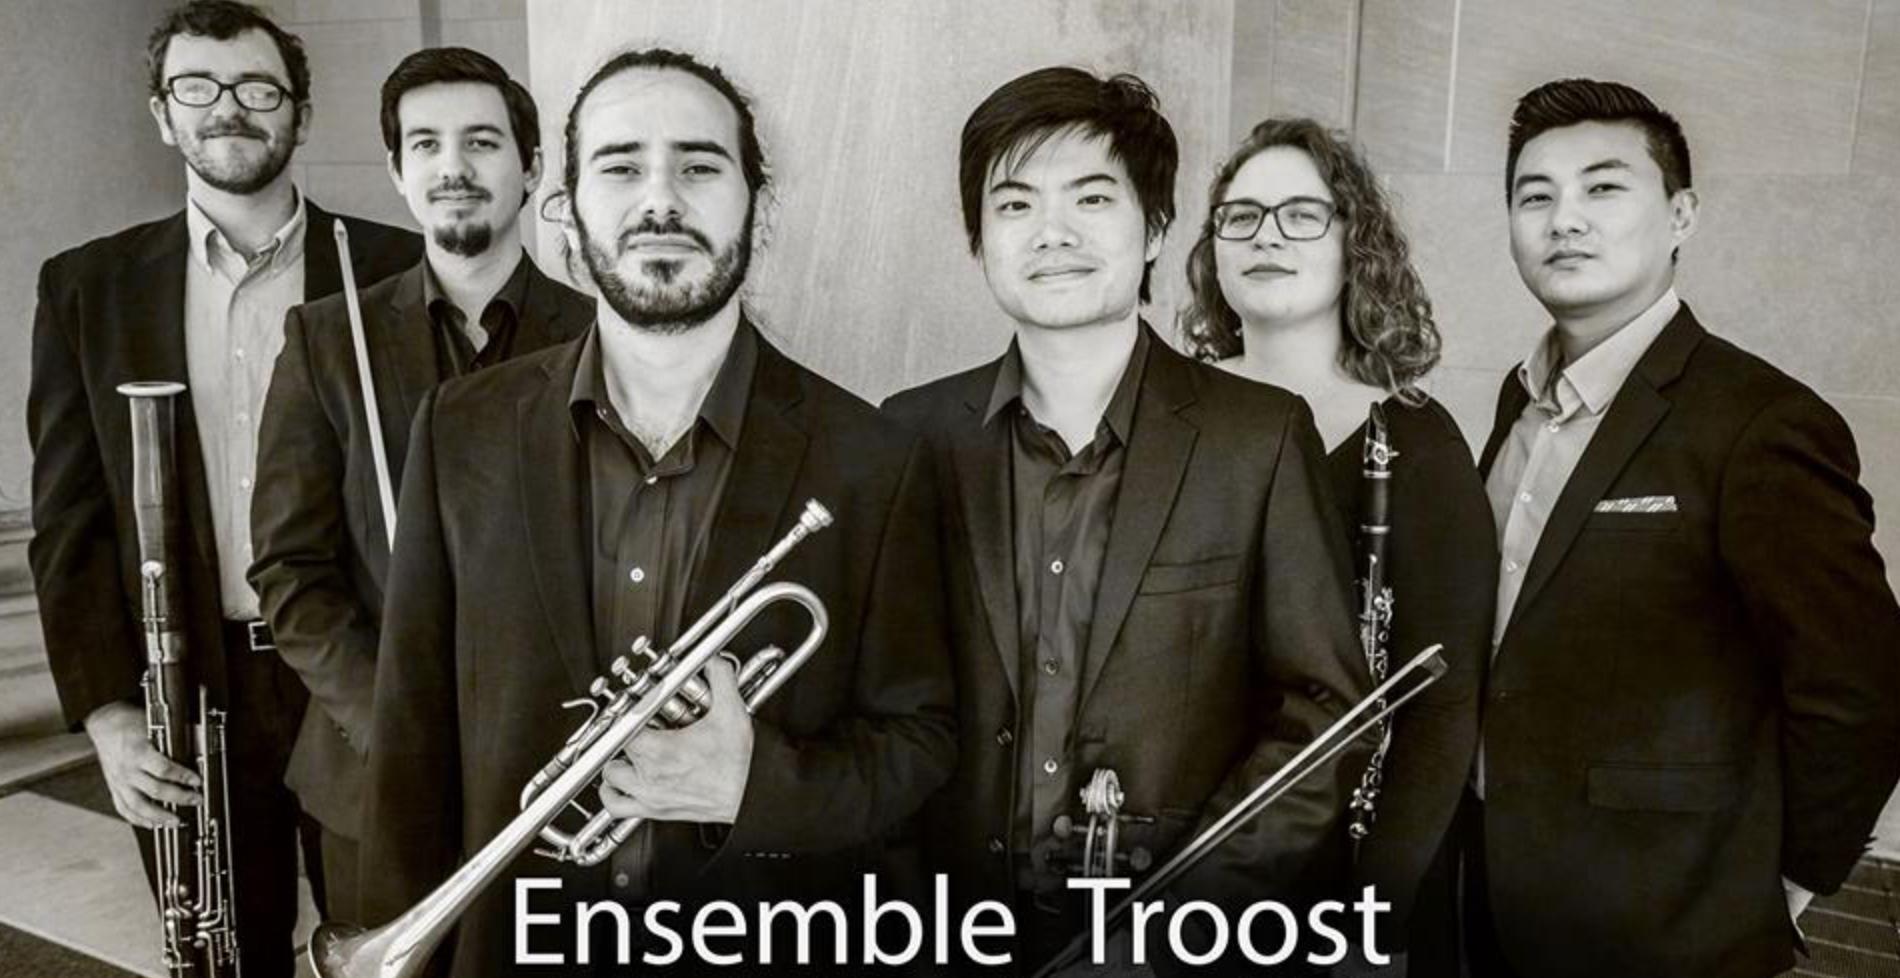 Ensemble Troost